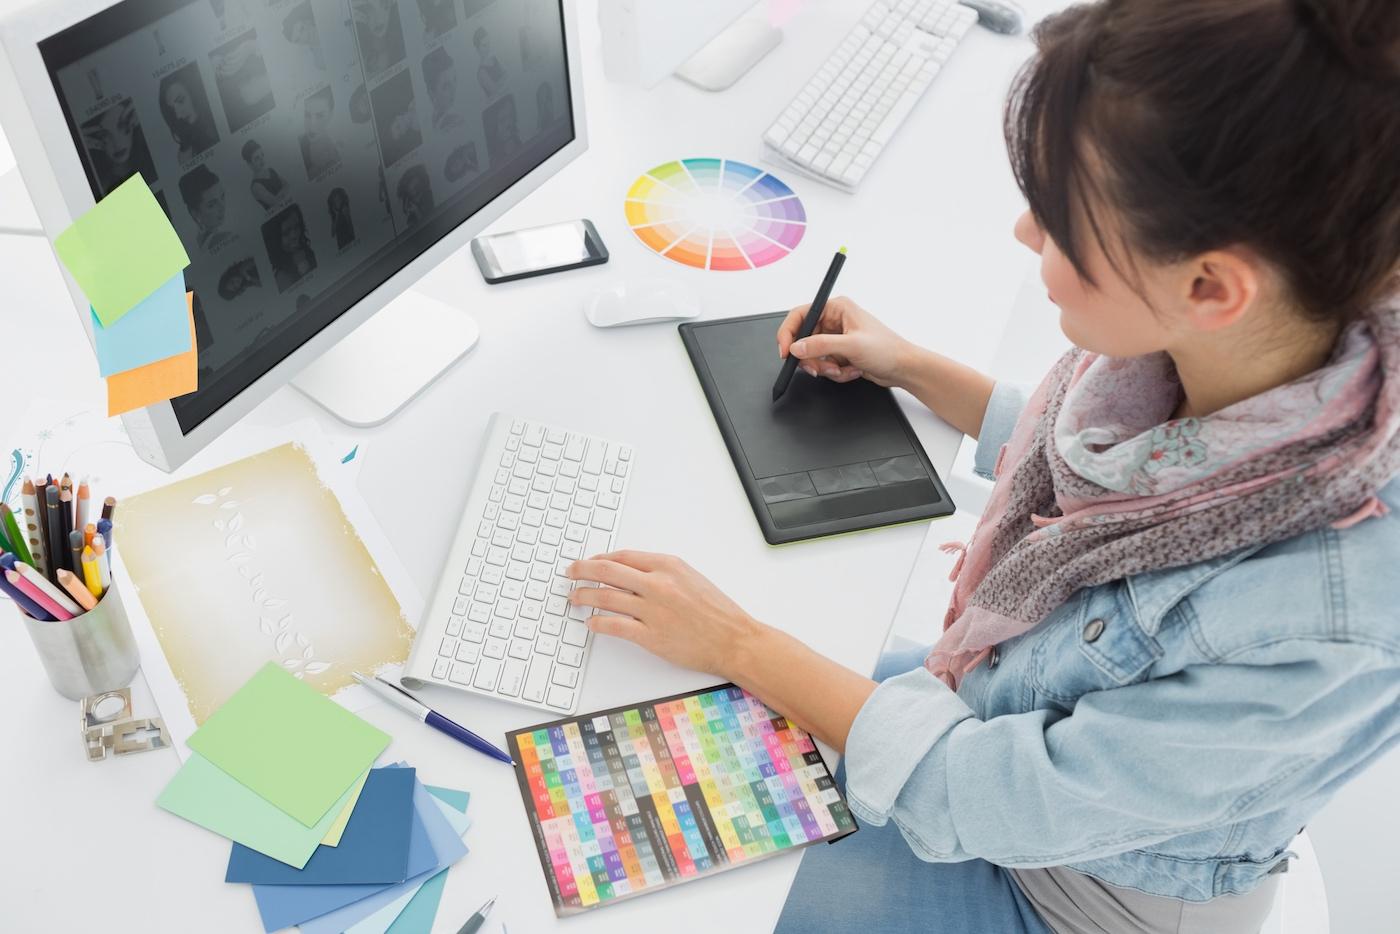 Чому дизайнерам доведеться стати не кодерами, а «письменниками»